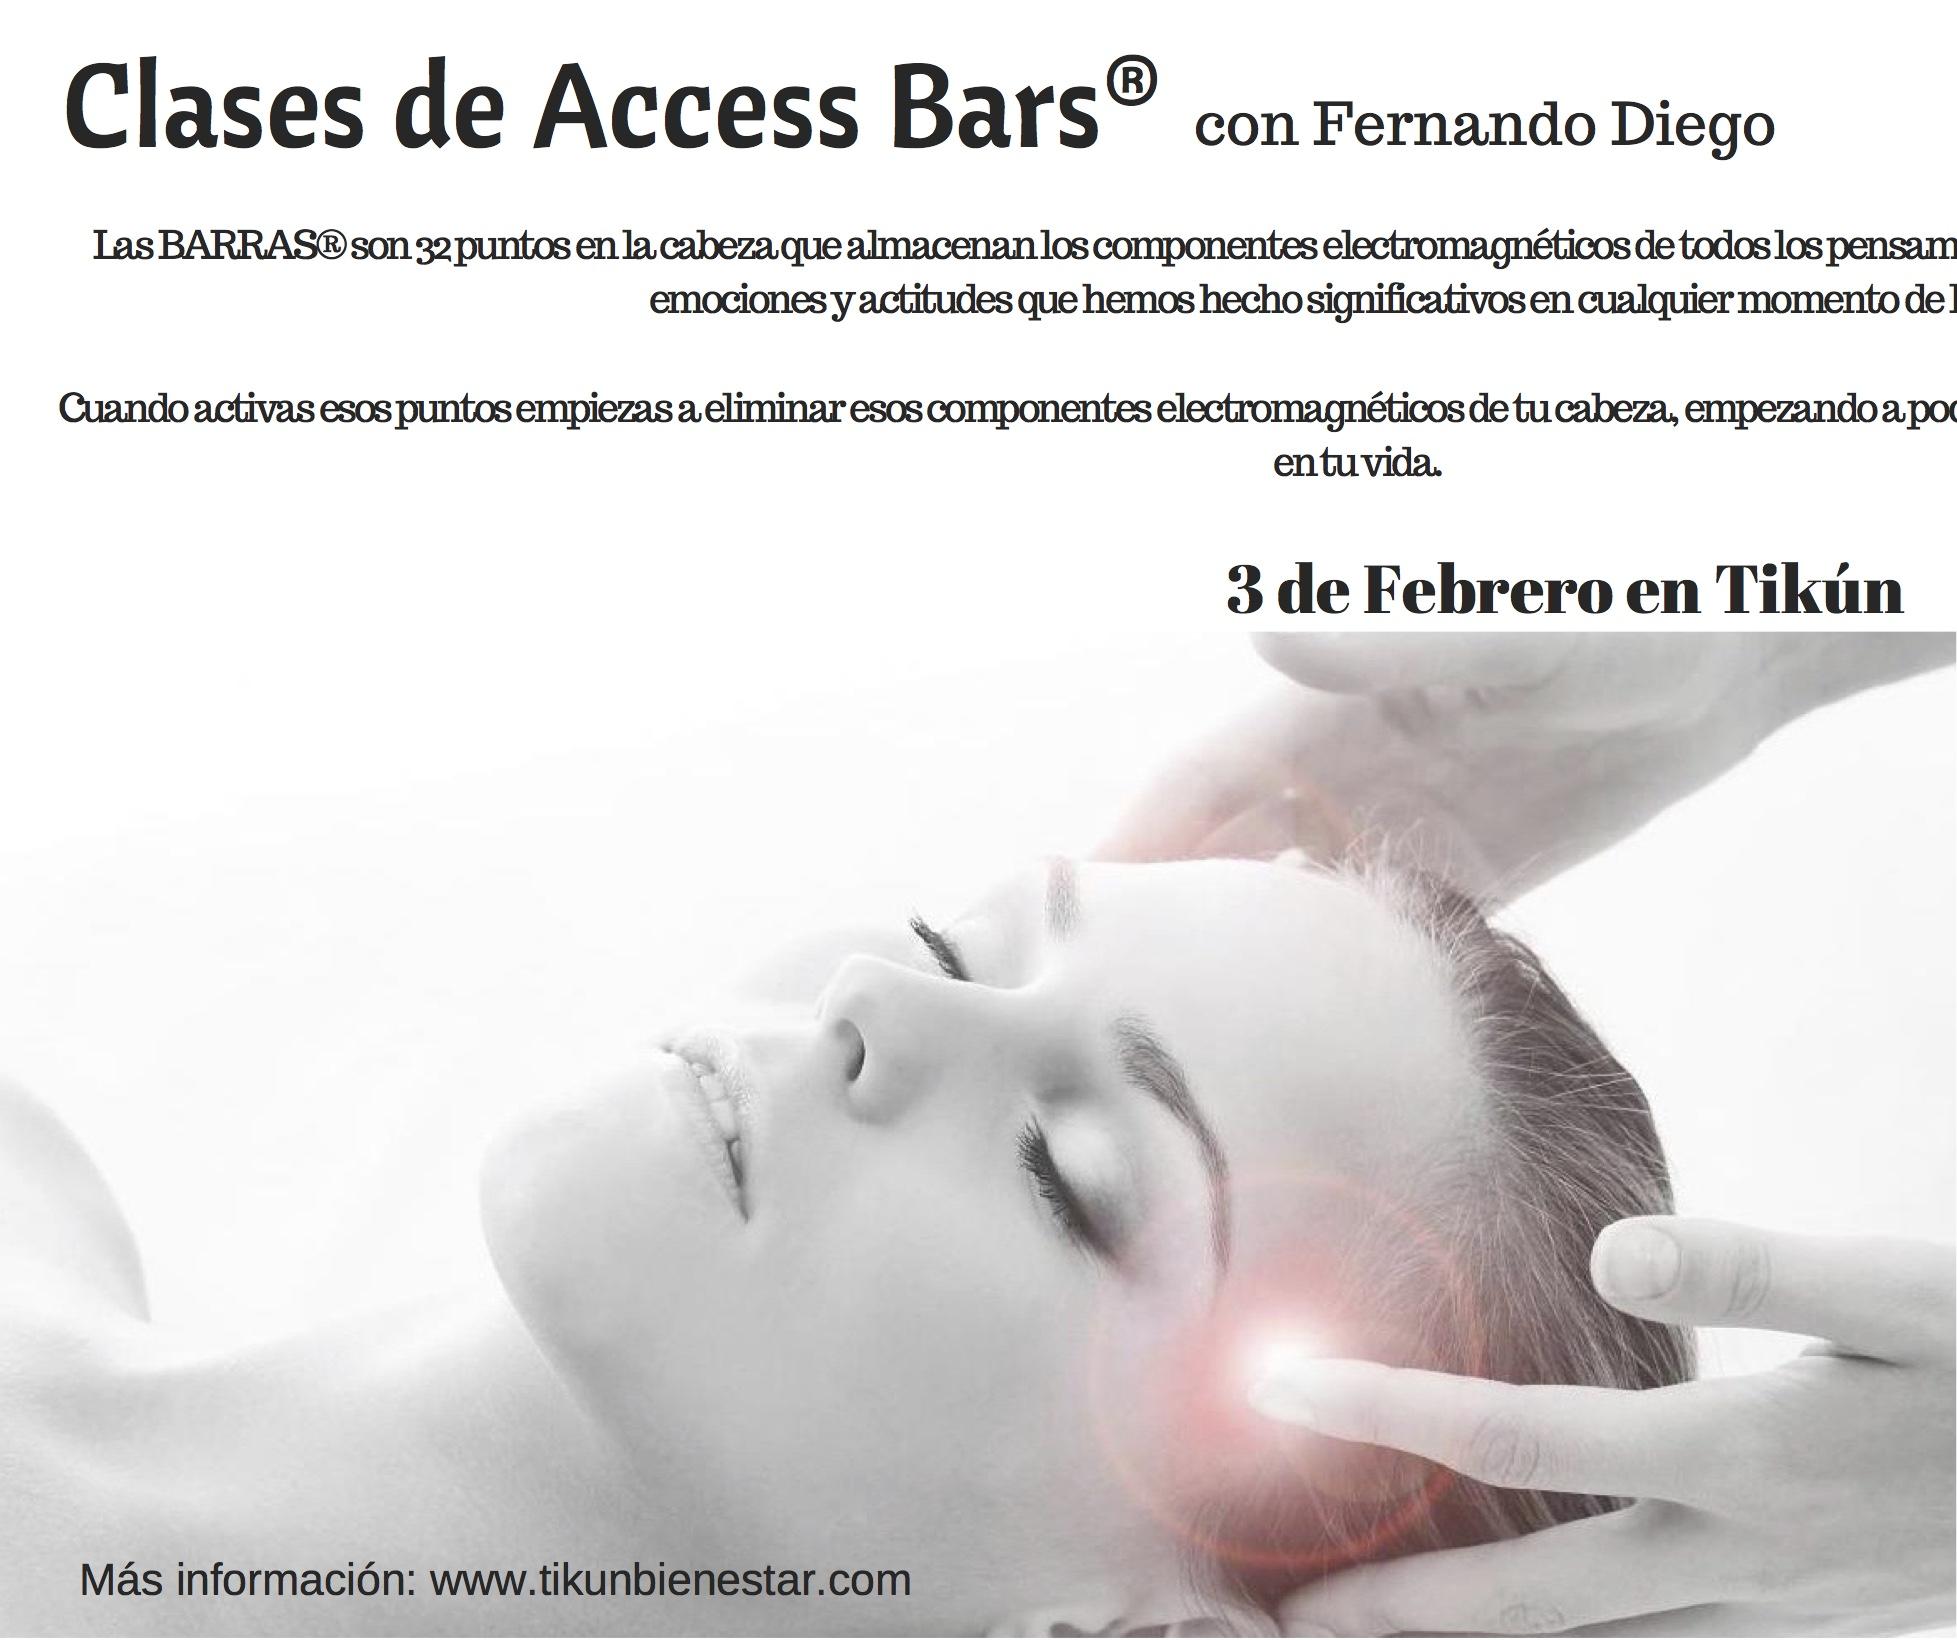 clases de Access Bars